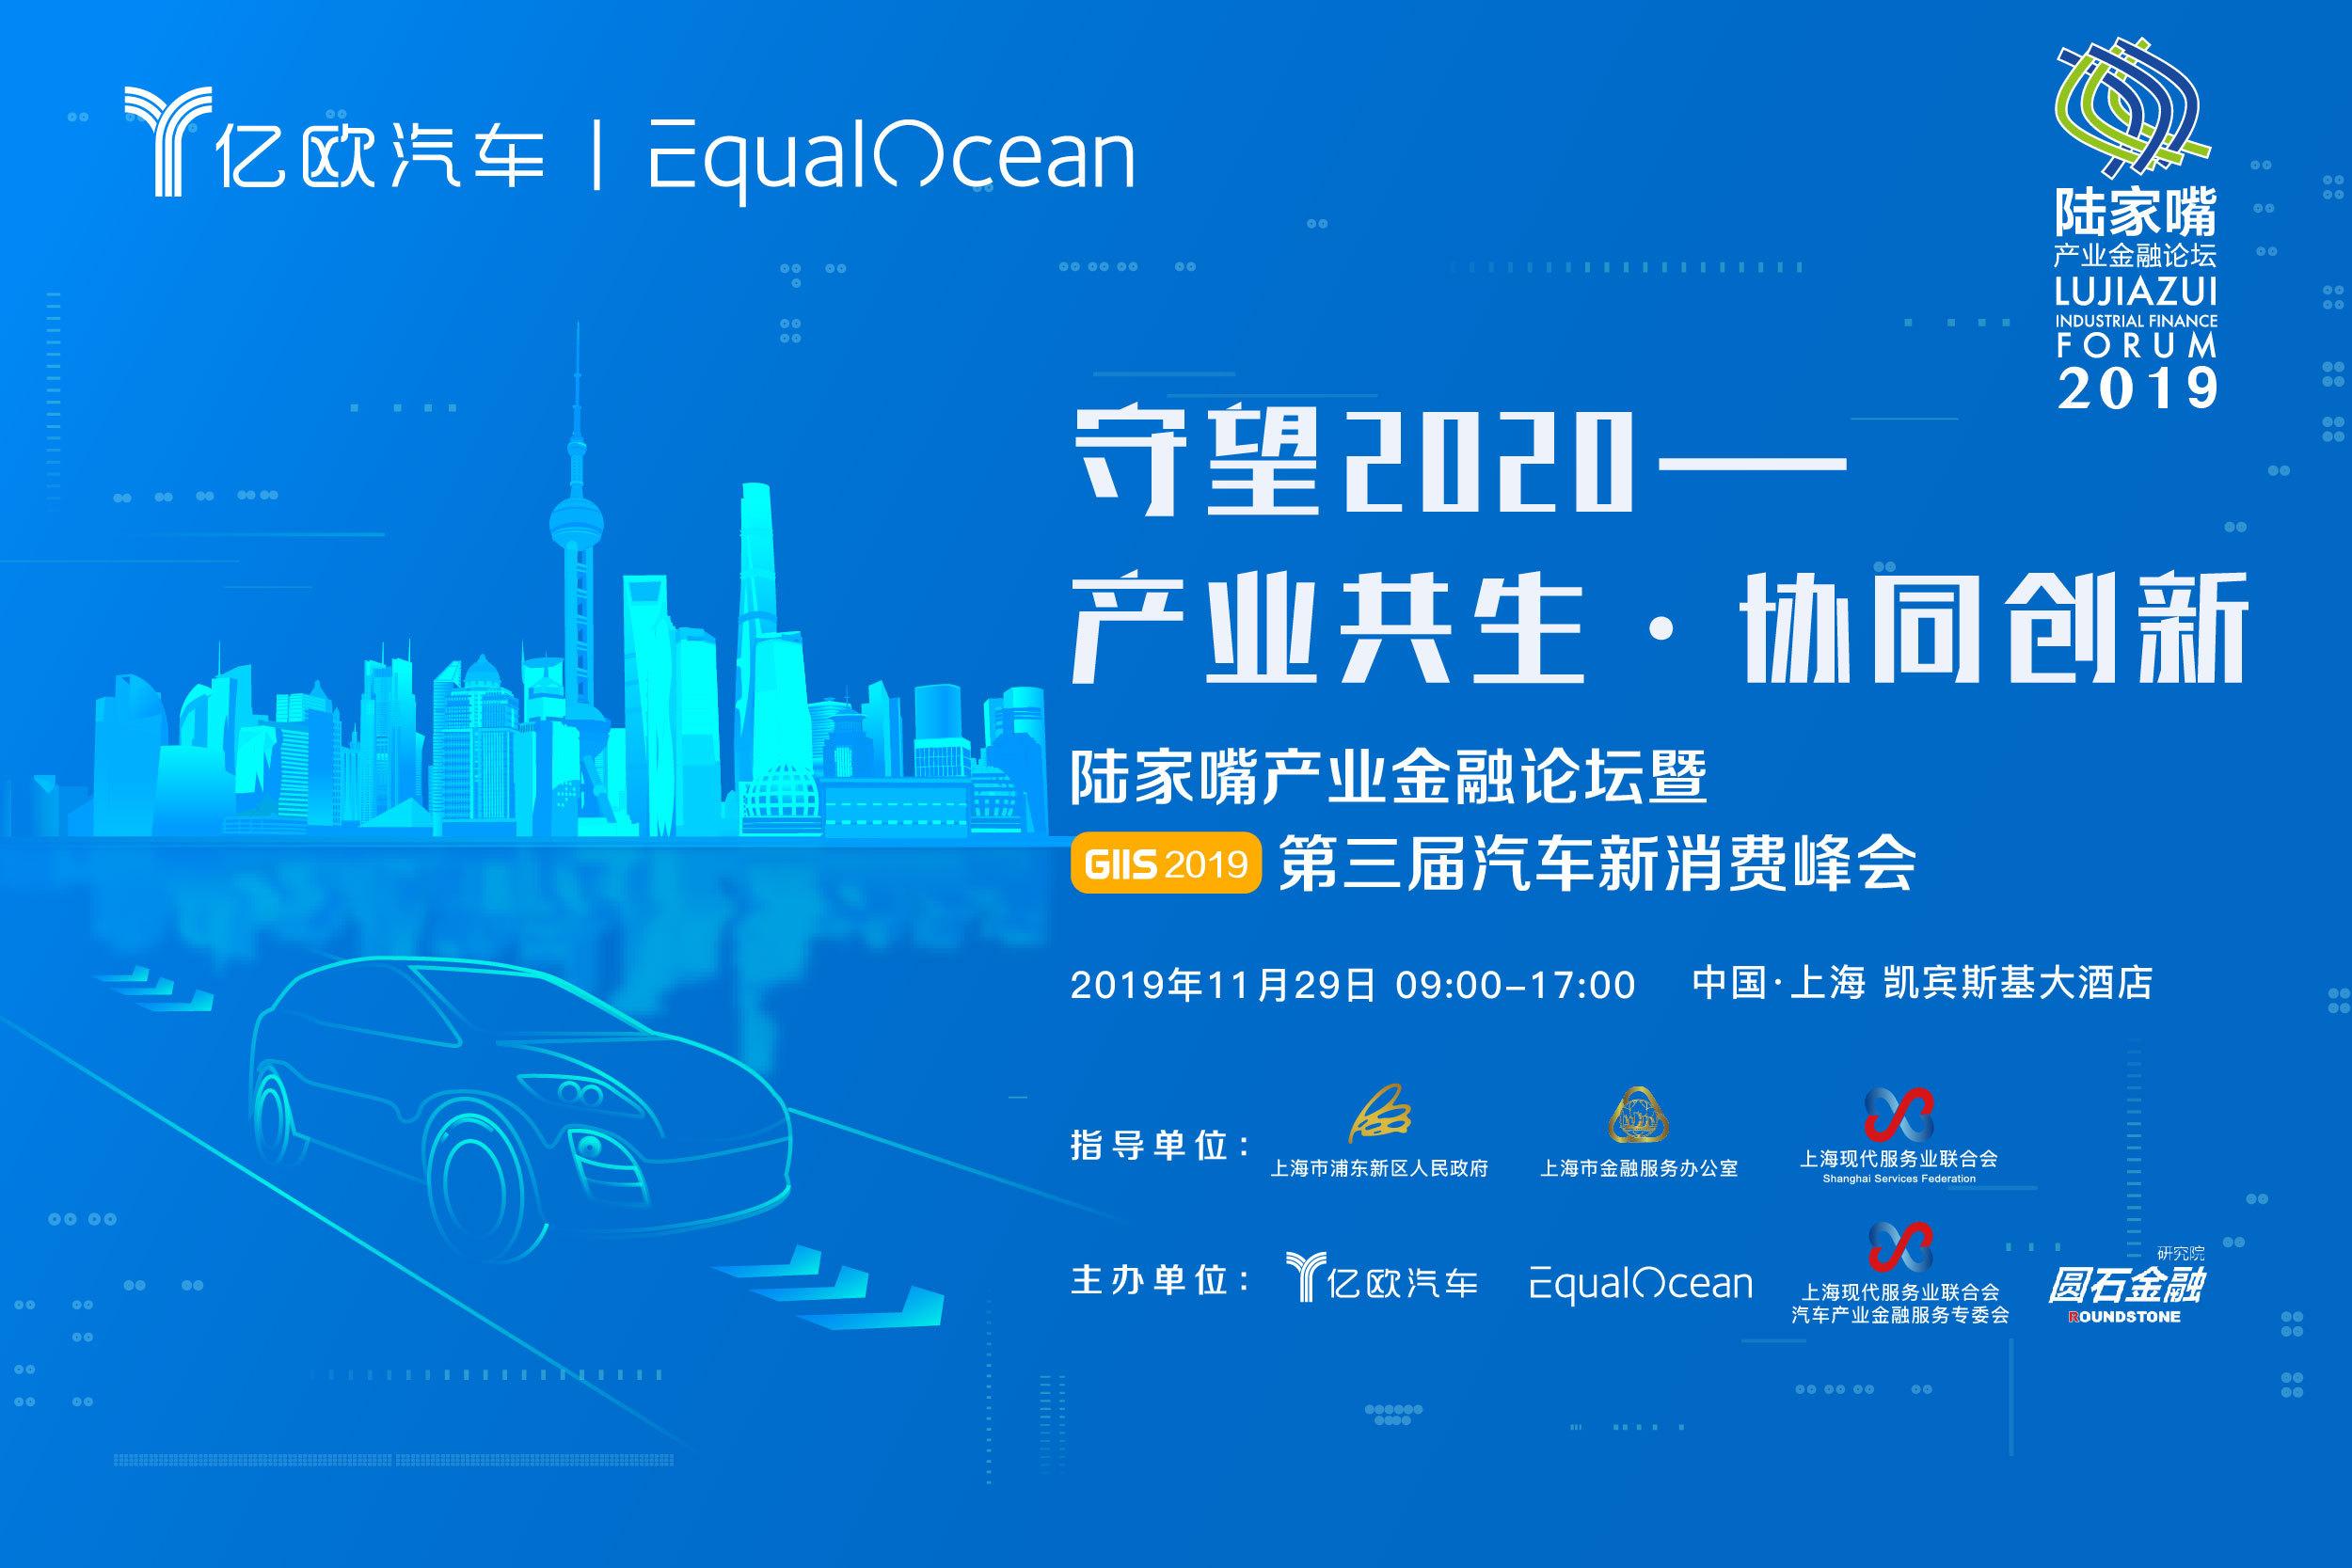 陆家嘴产业金融论坛暨GIIS2019第三届汽车新消费峰会(上海)